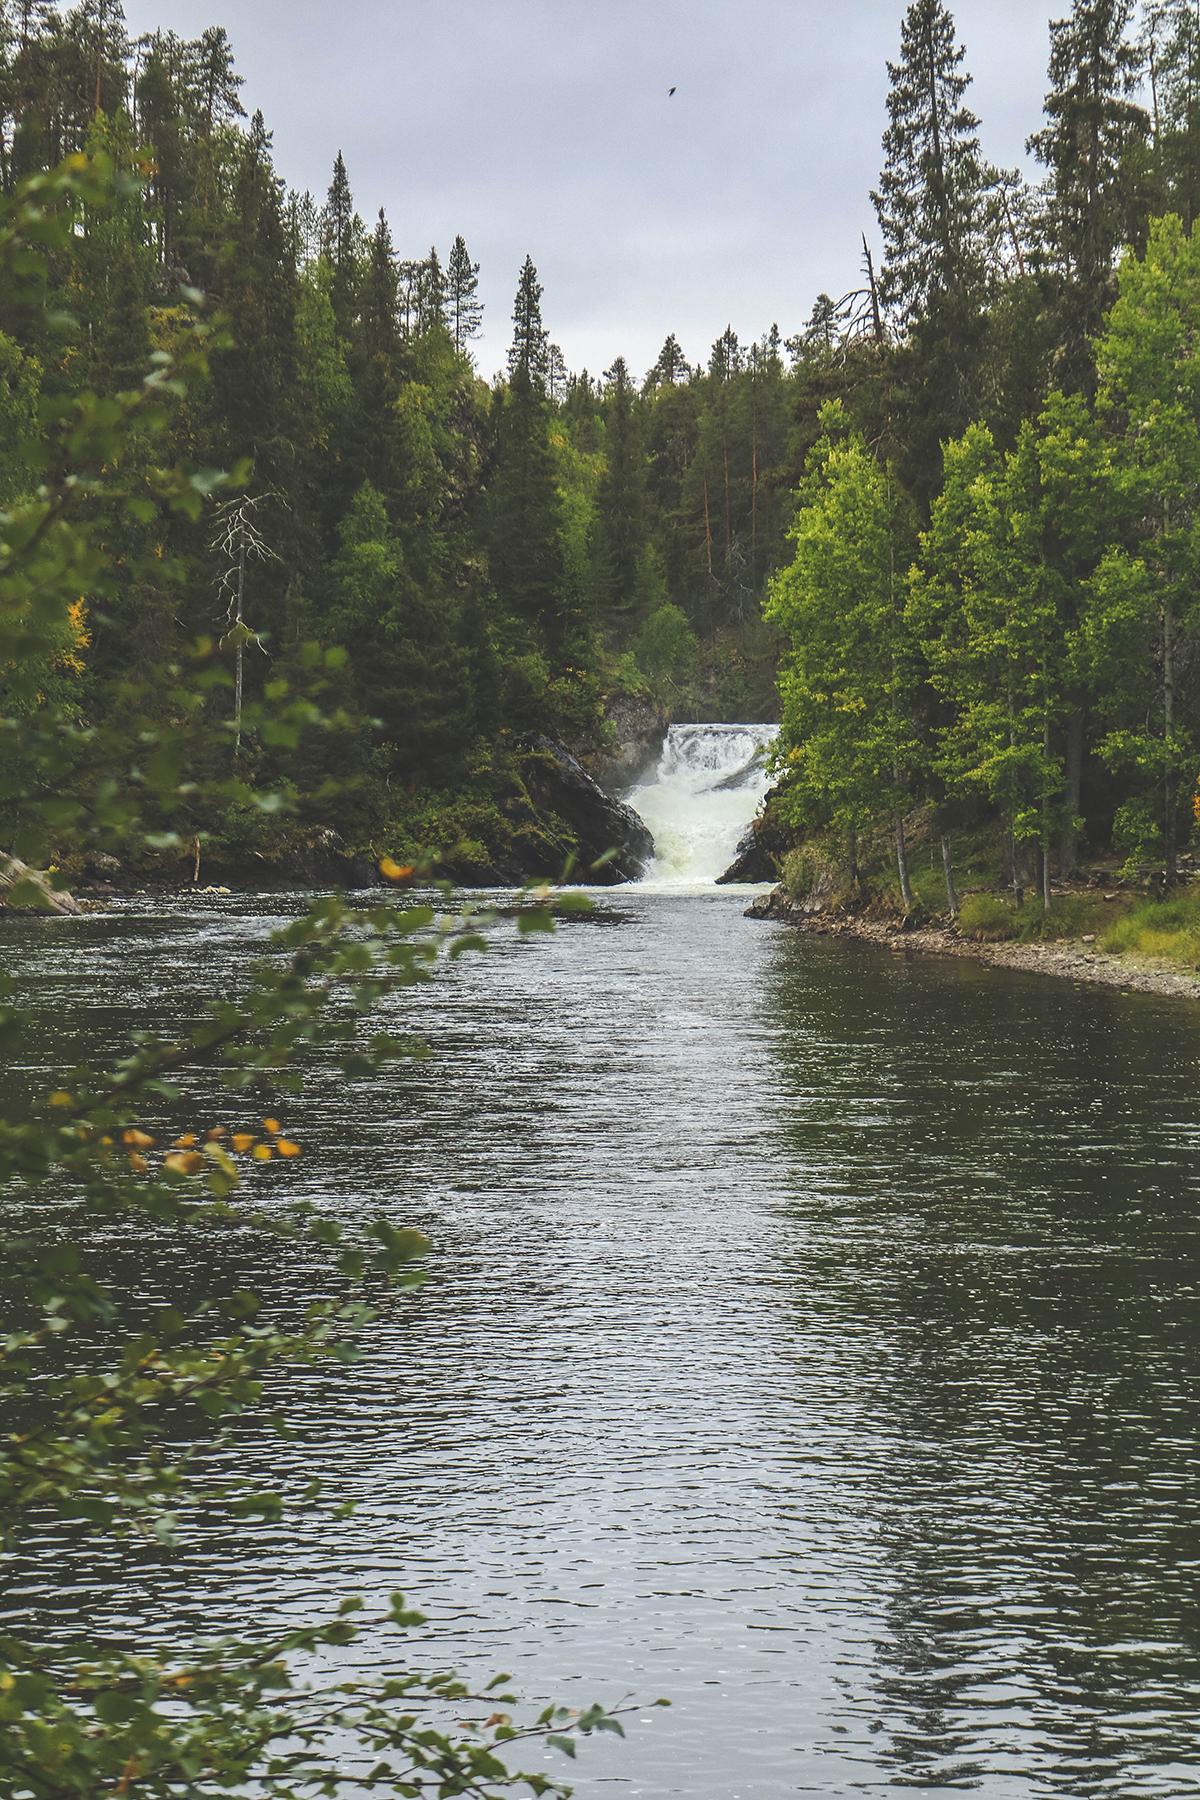 Op vakantie naar Finland - Hiken Oulanka National Park